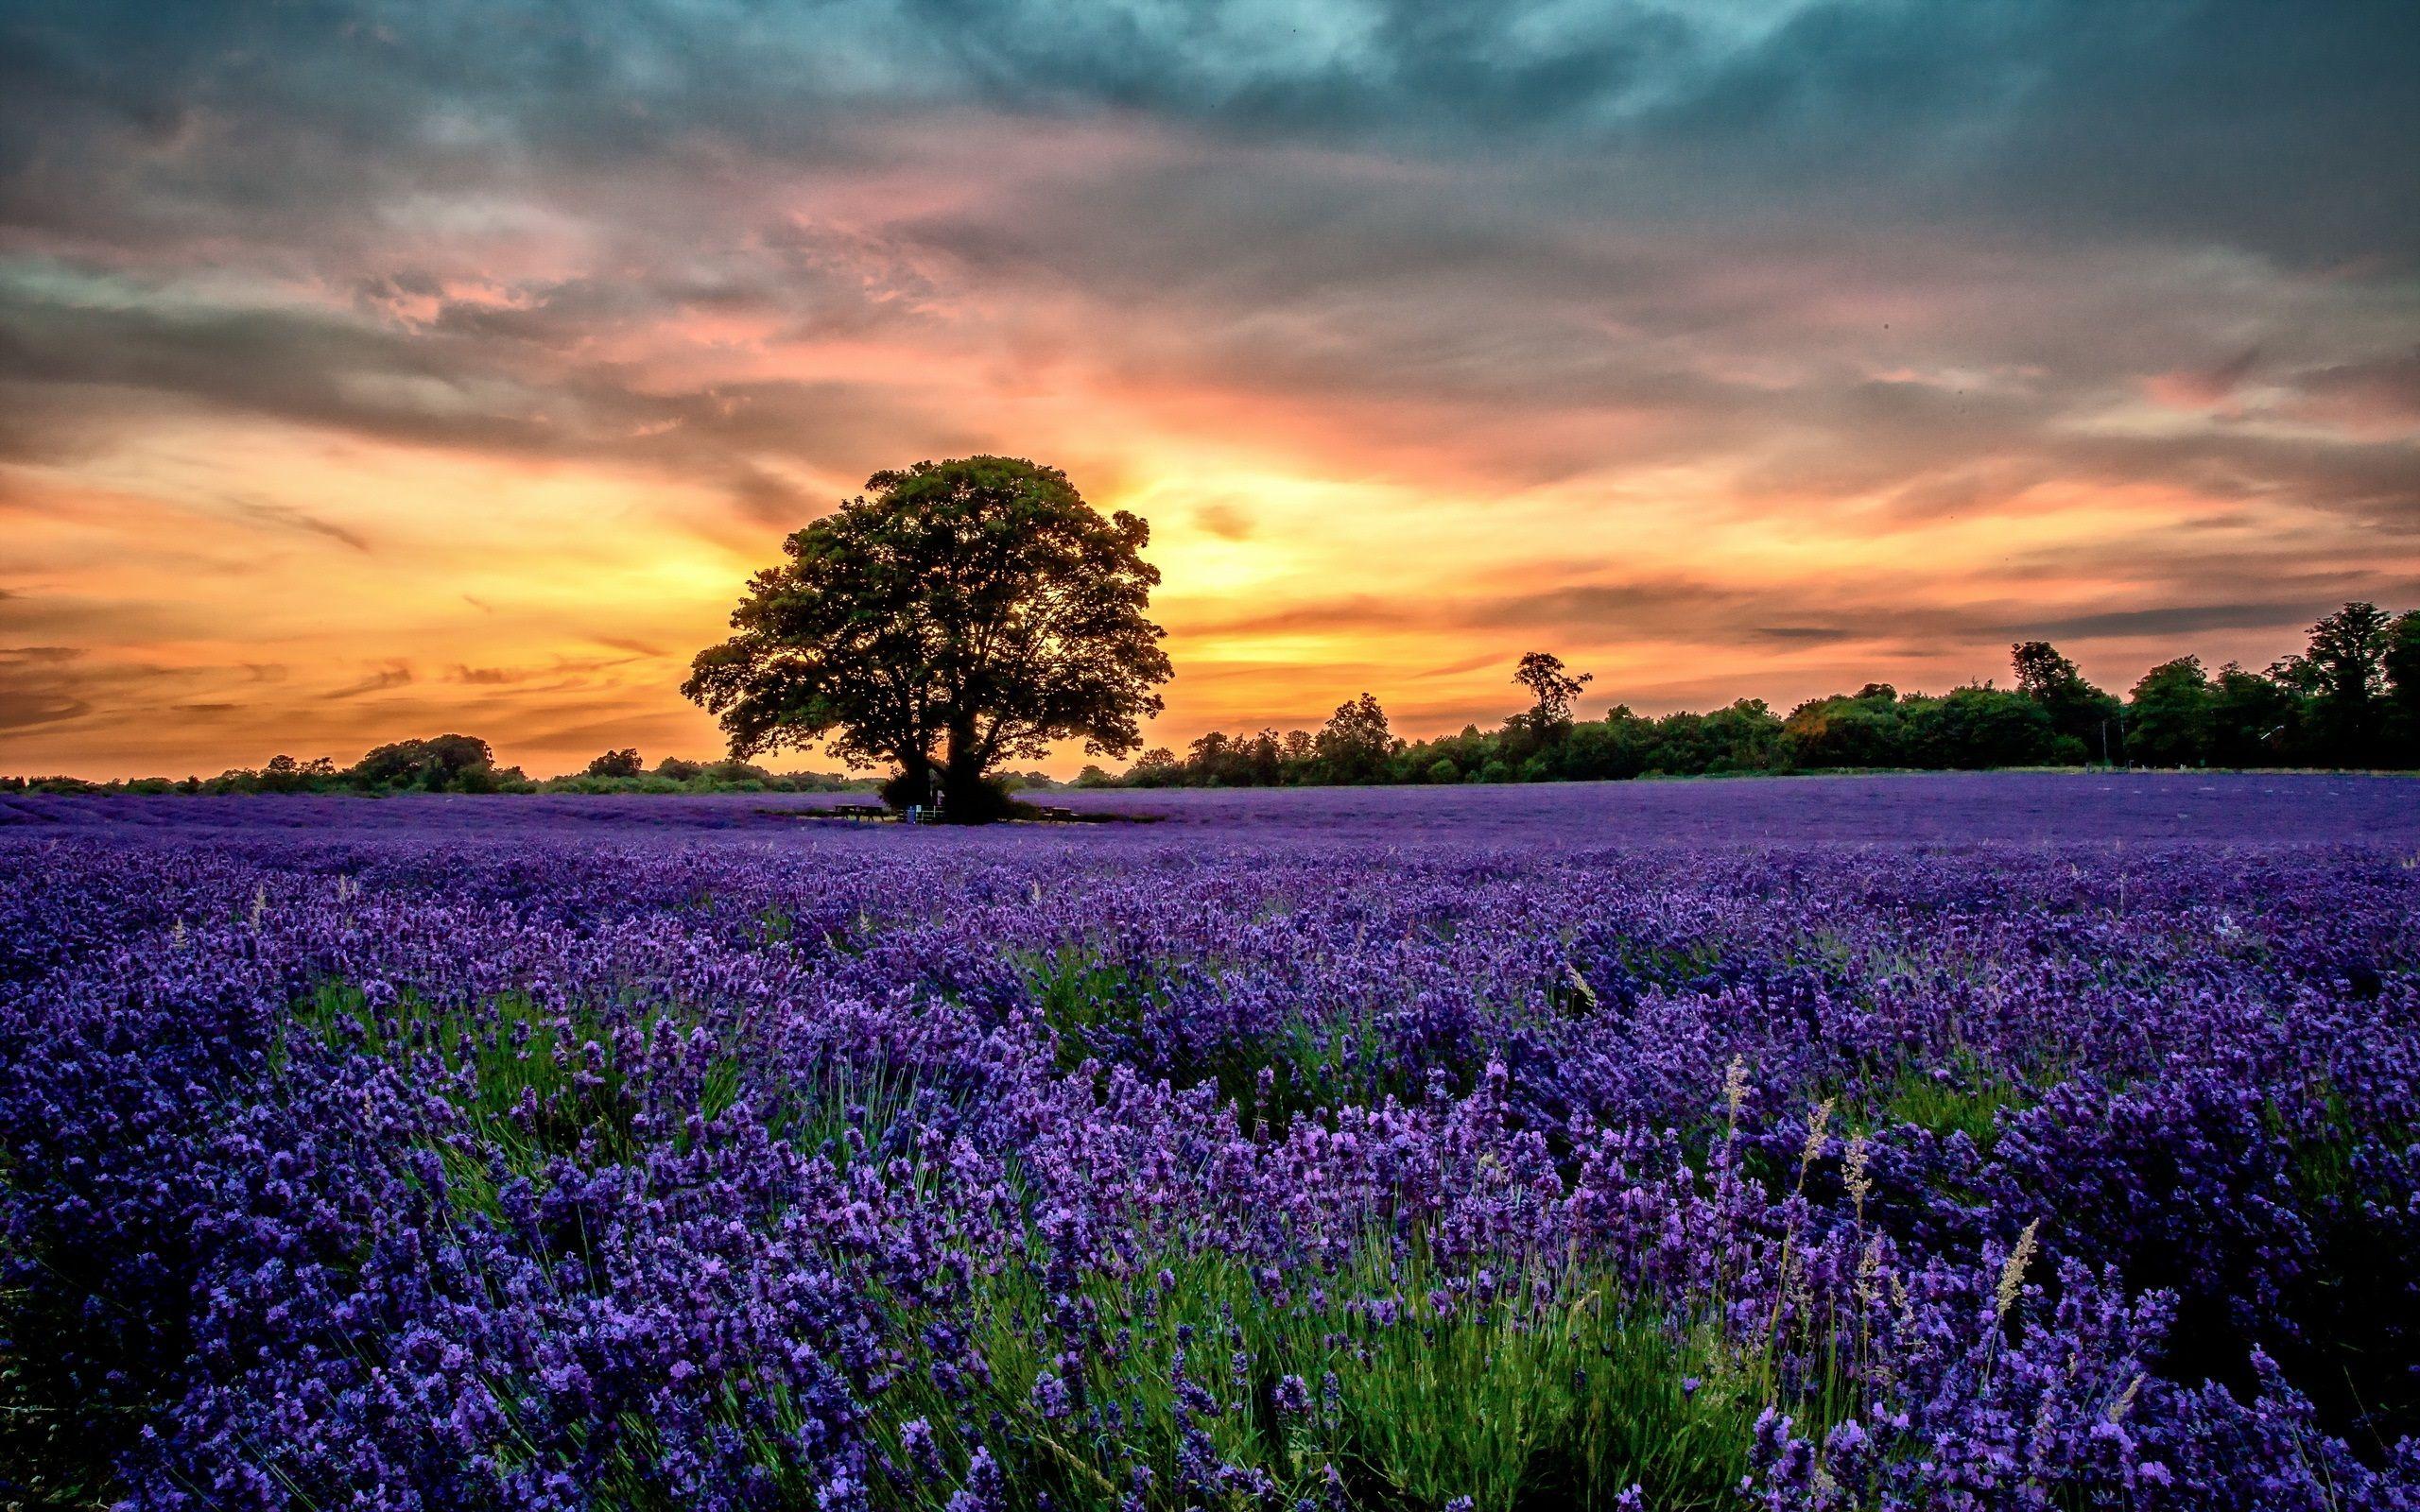 紫色のラベンダー畑 風景 夕焼け 花 壁紙 2560x1600 ラベンダー